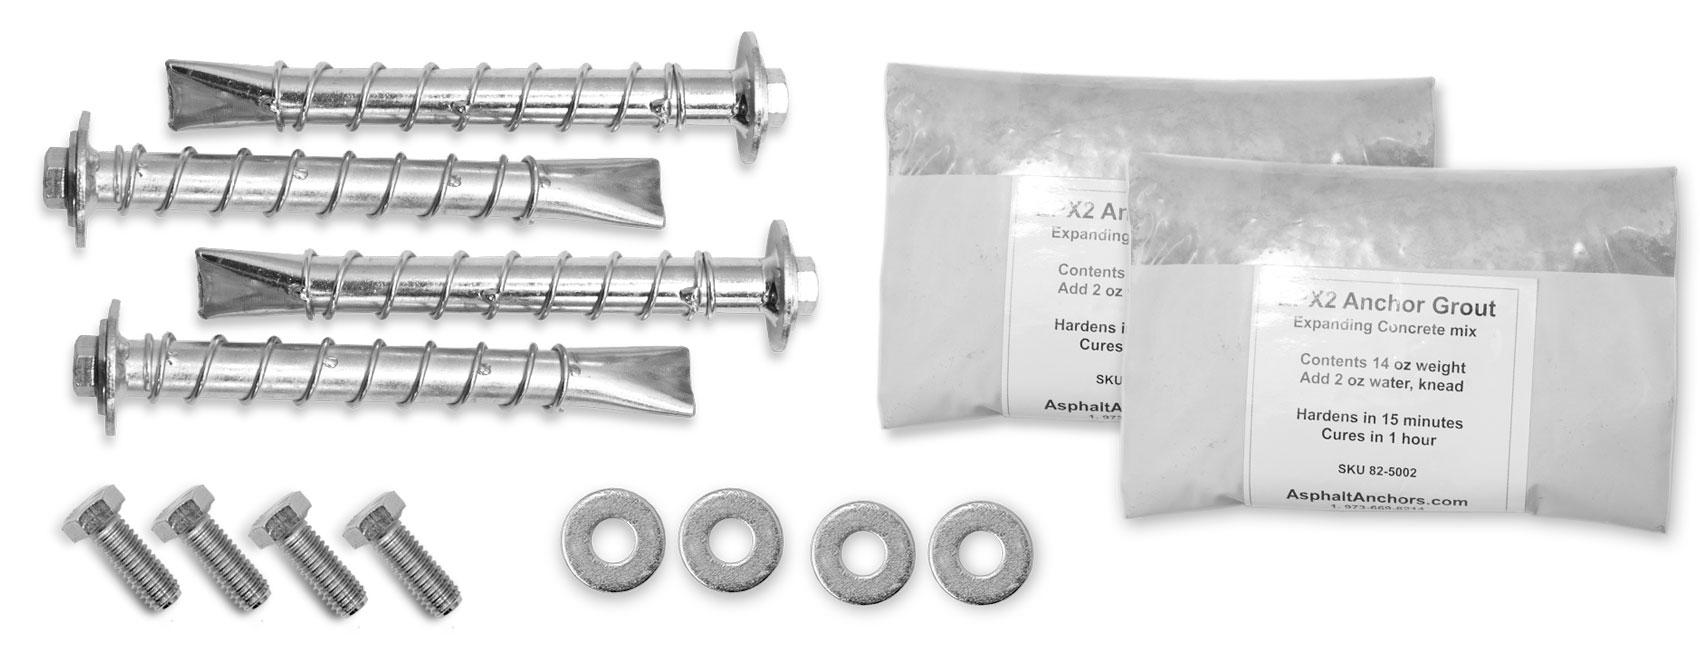 Asphalt Anchors Kit